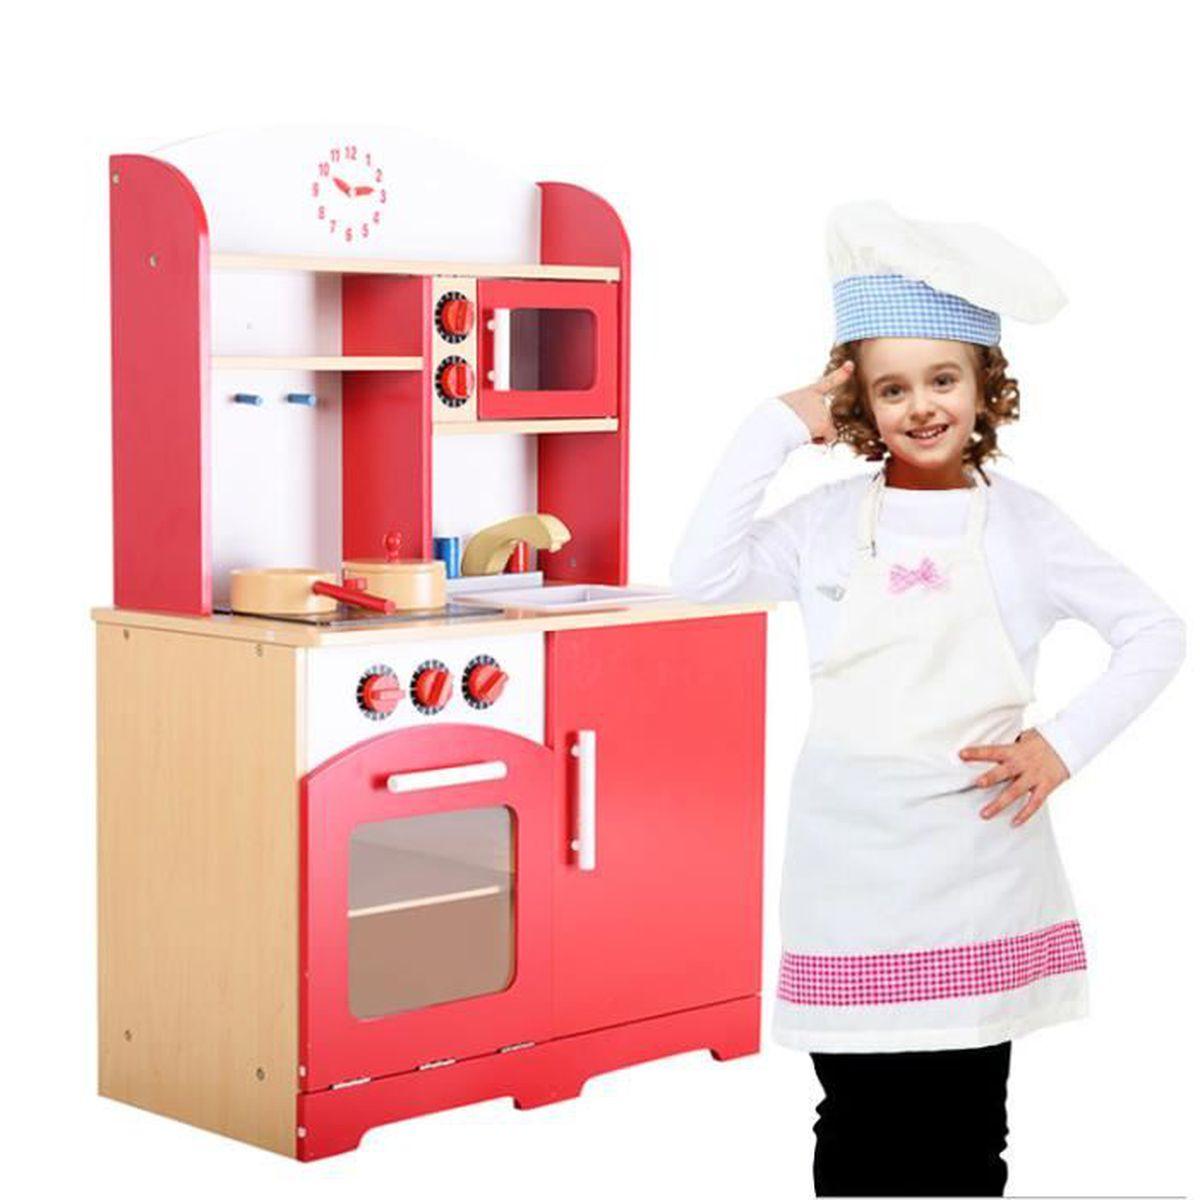 cuisine jouet pour enfant en bois jeu du r le d imitation int ress rouge neuf achat vente. Black Bedroom Furniture Sets. Home Design Ideas